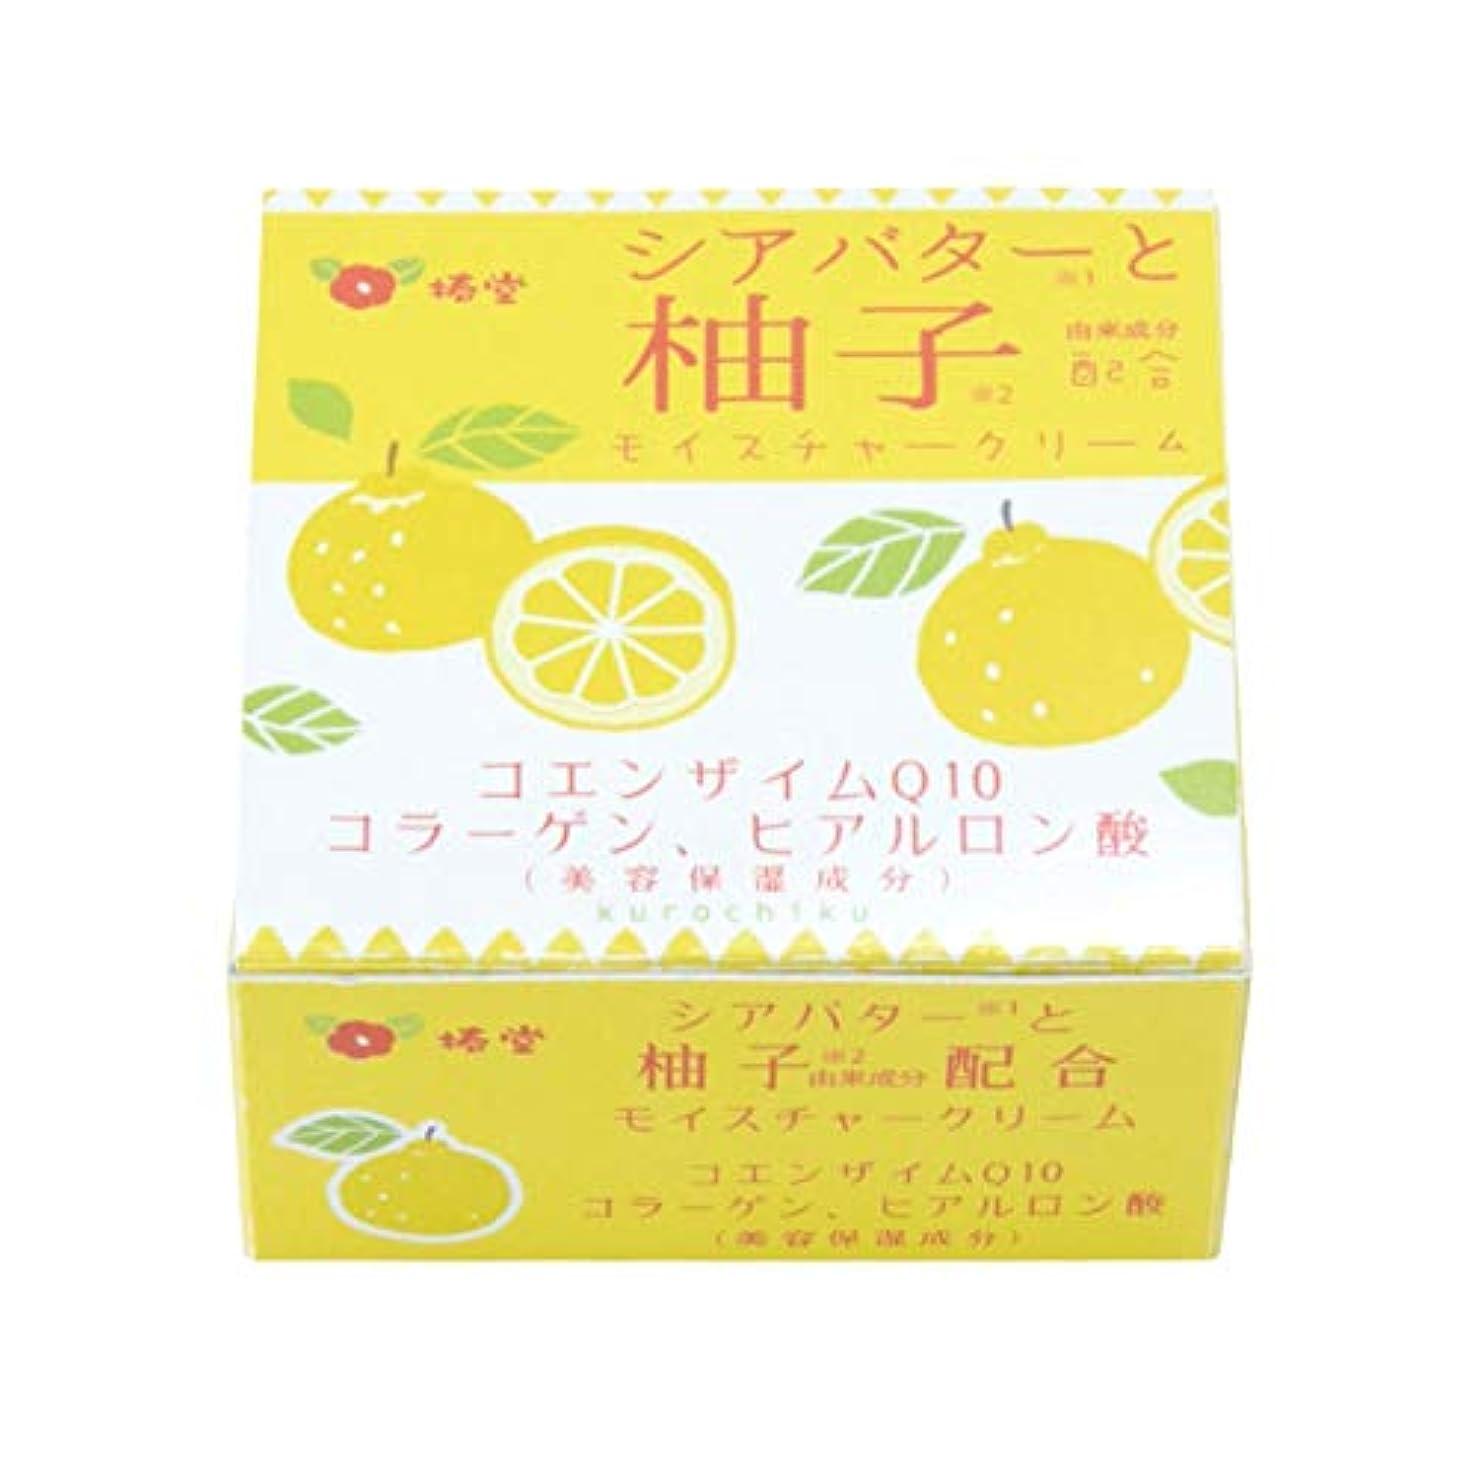 しっとり緯度マナー椿堂 柚子モイスチャークリーム (シアバターと柚子) 京都くろちく